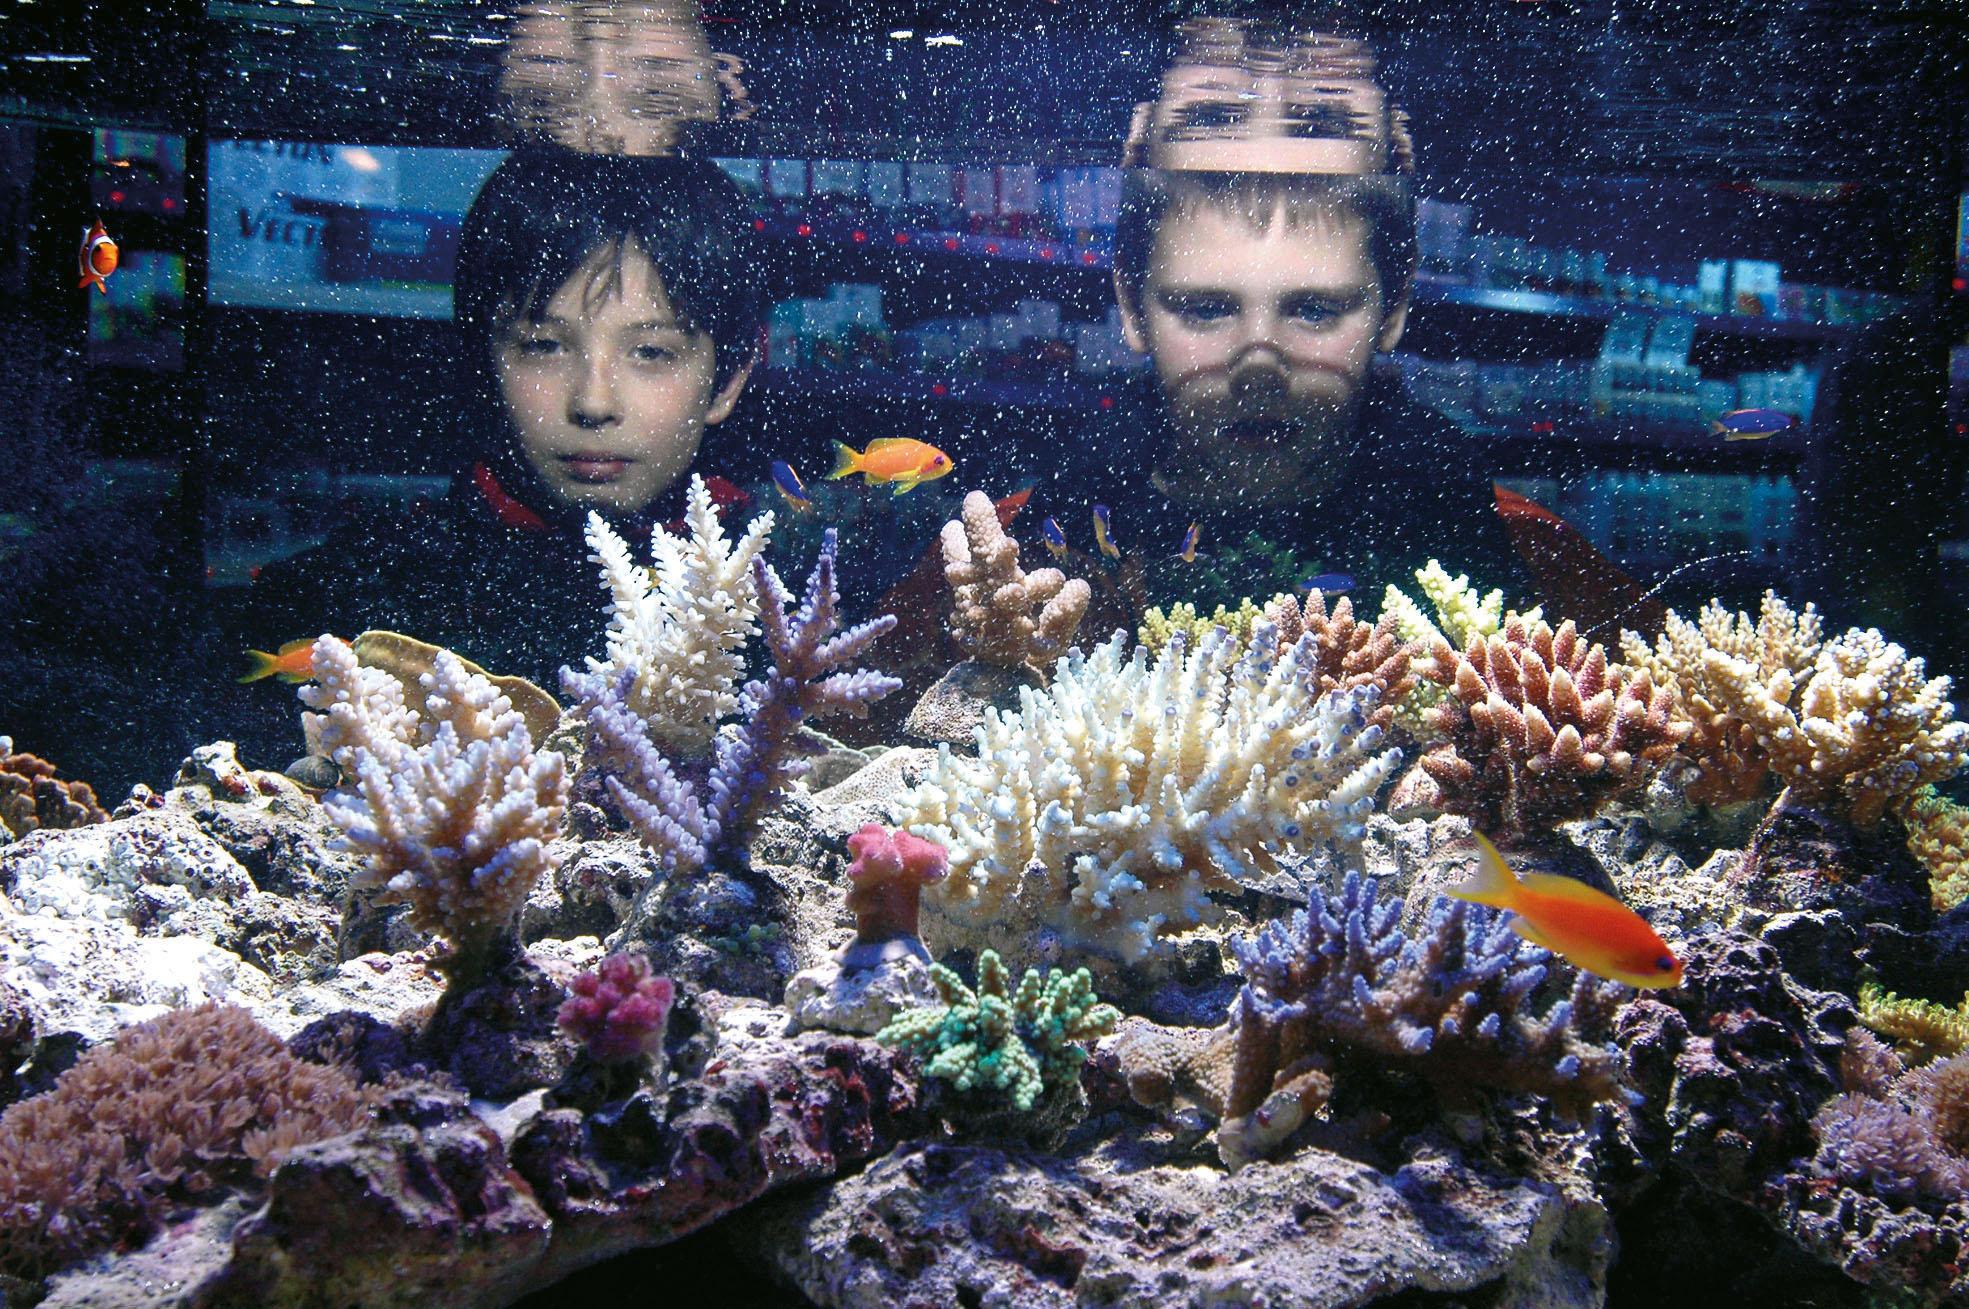 Aquariumfische werden beobachtet